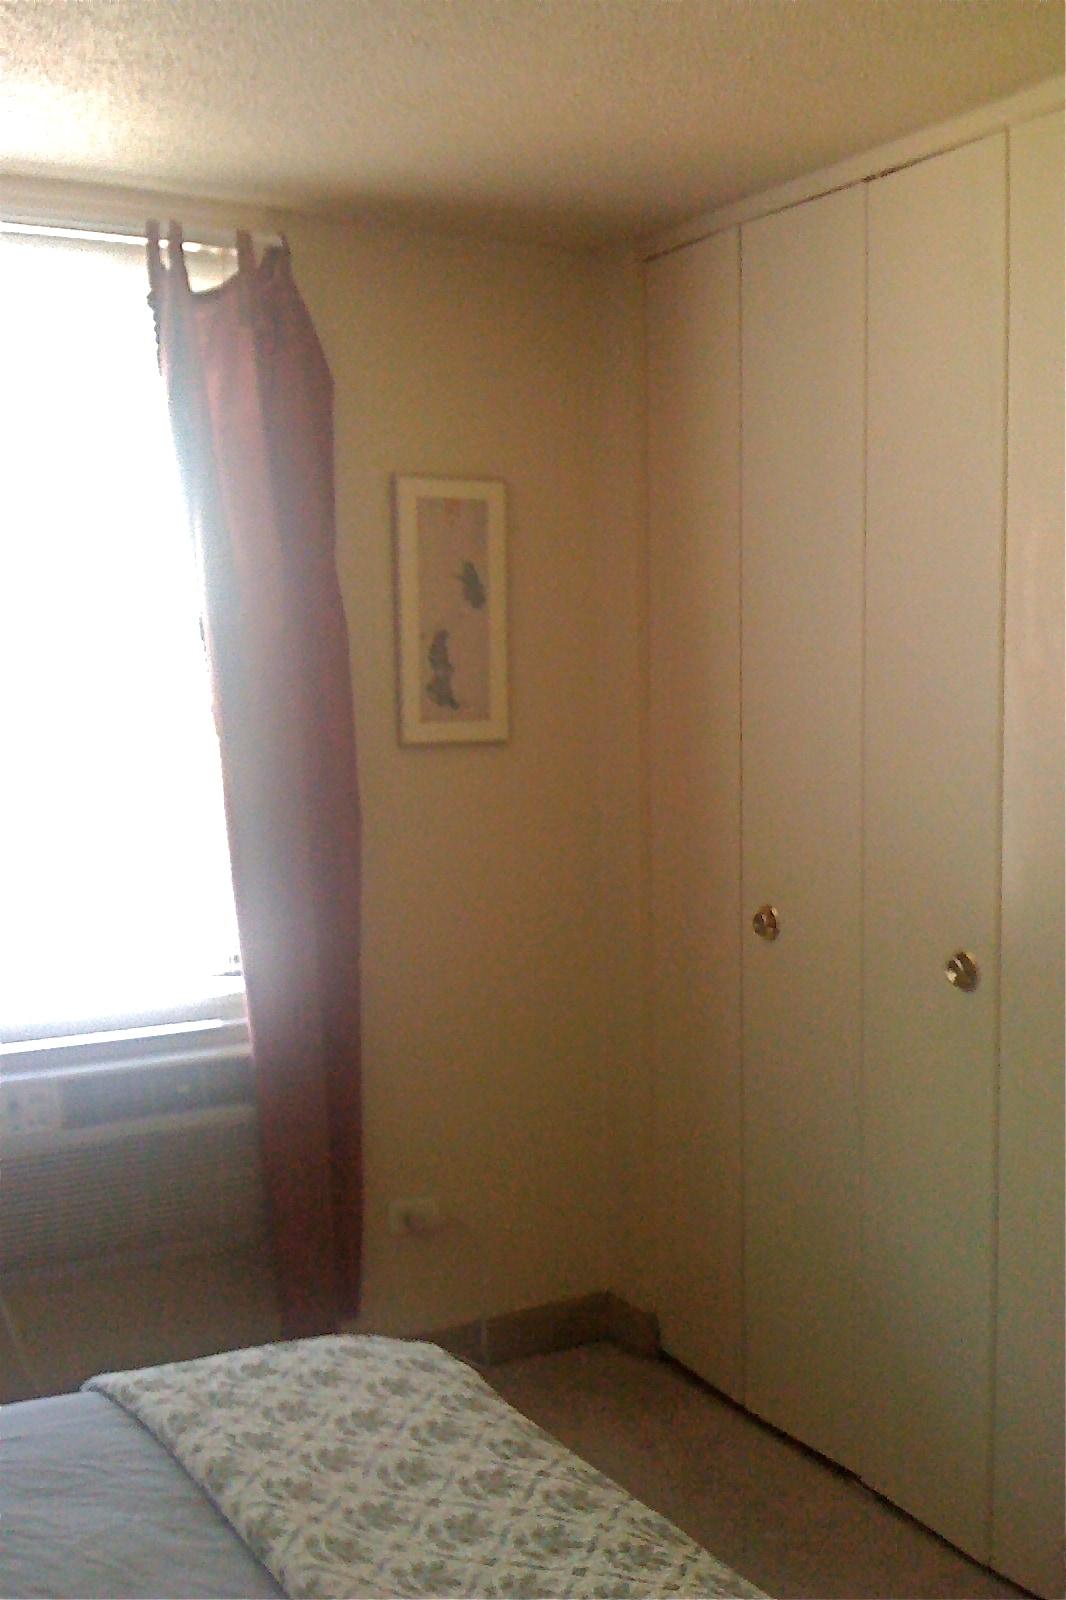 doors of a large closet